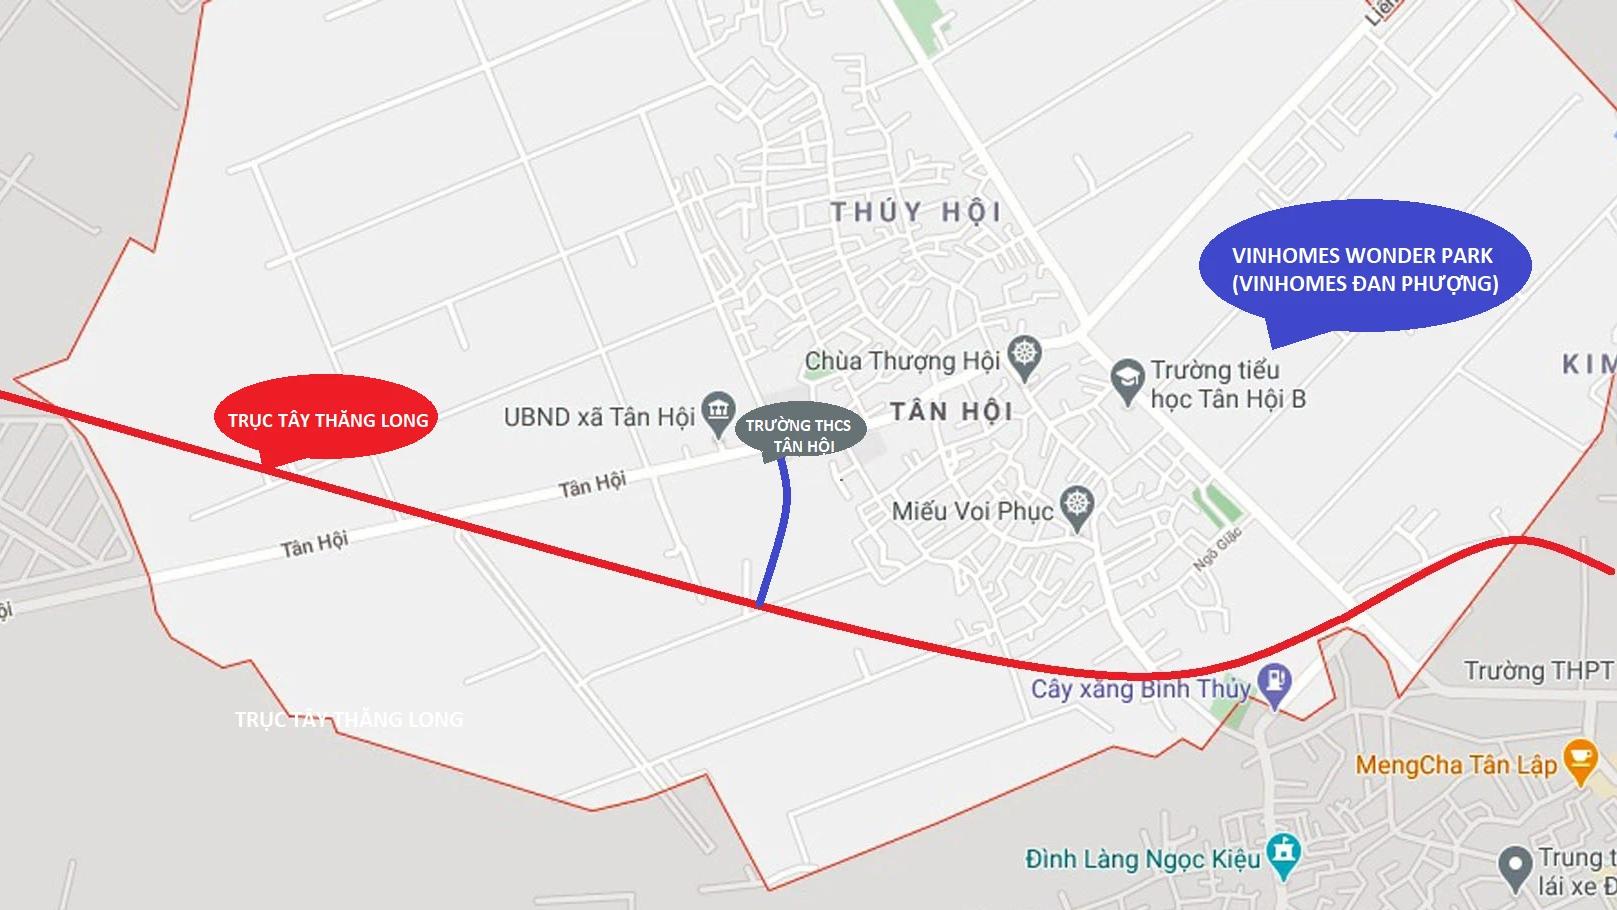 Hà Nội duyệt chỉ giới đường đỏ tuyến đường gần Vinhomes Đan Phượng - Ảnh 1.